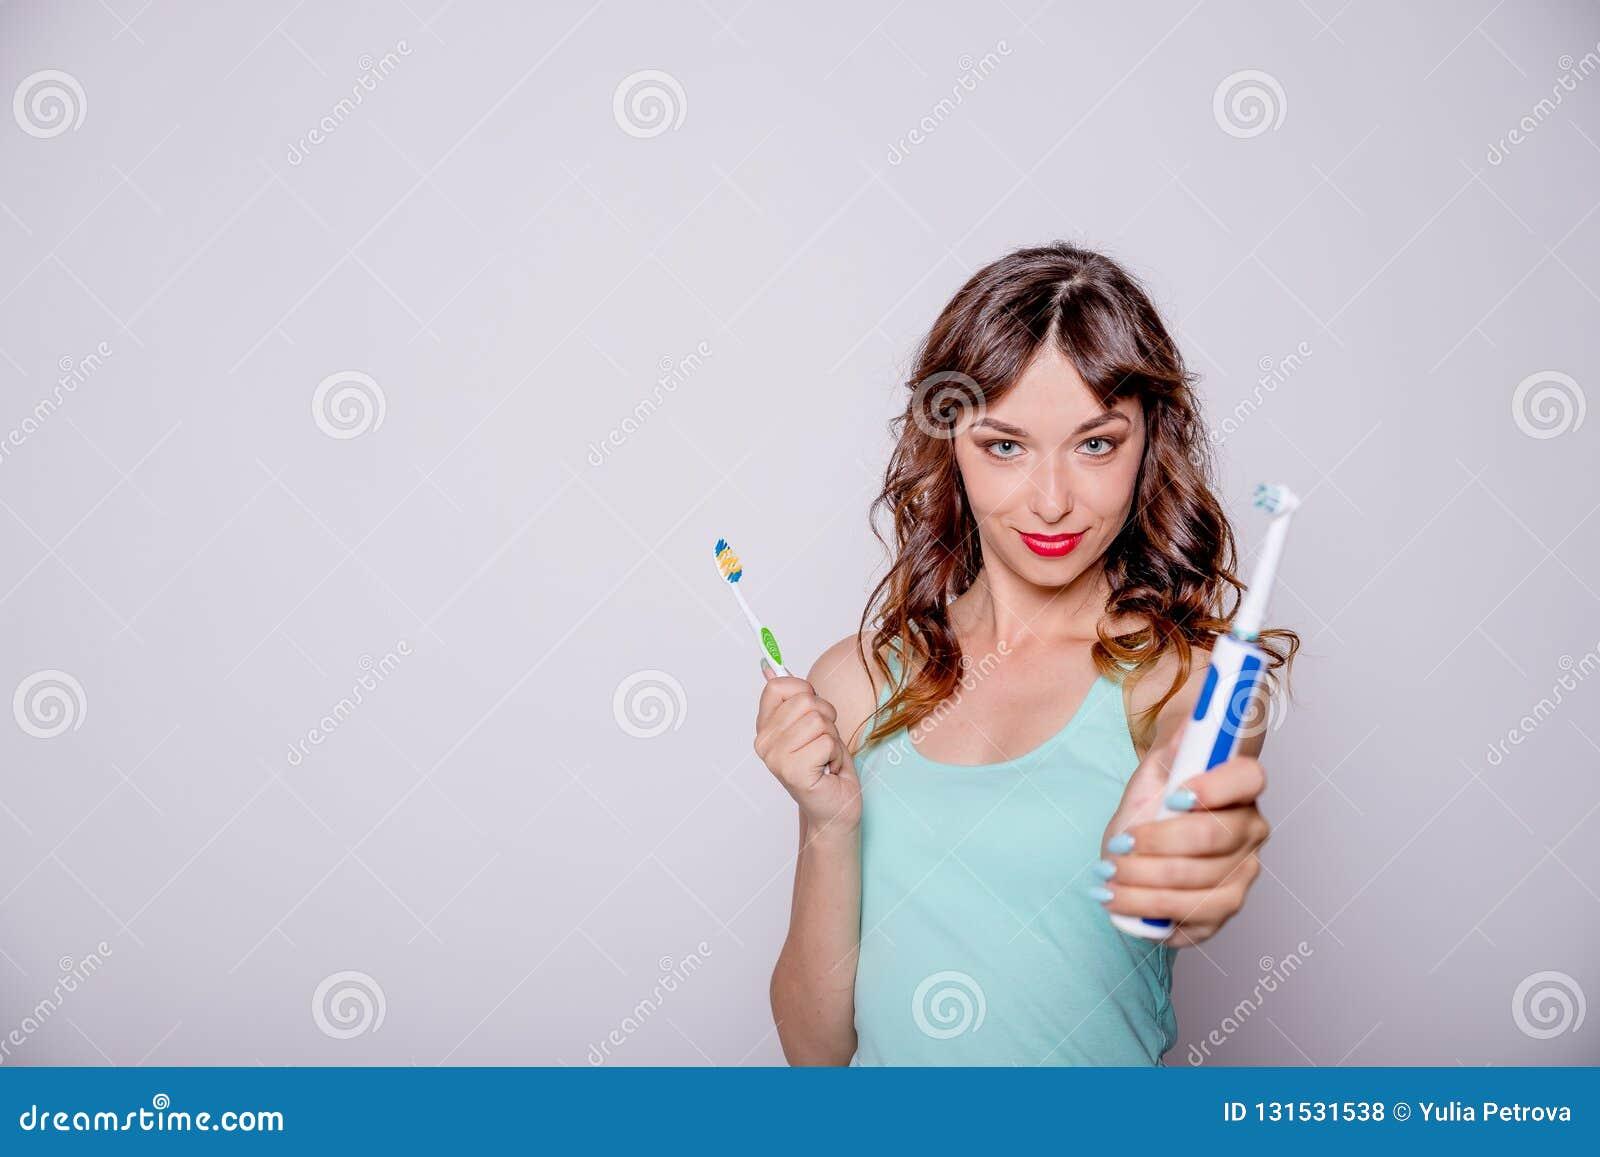 电和传统牙刷 口腔的卫生学 一年轻美女选择在电之间和